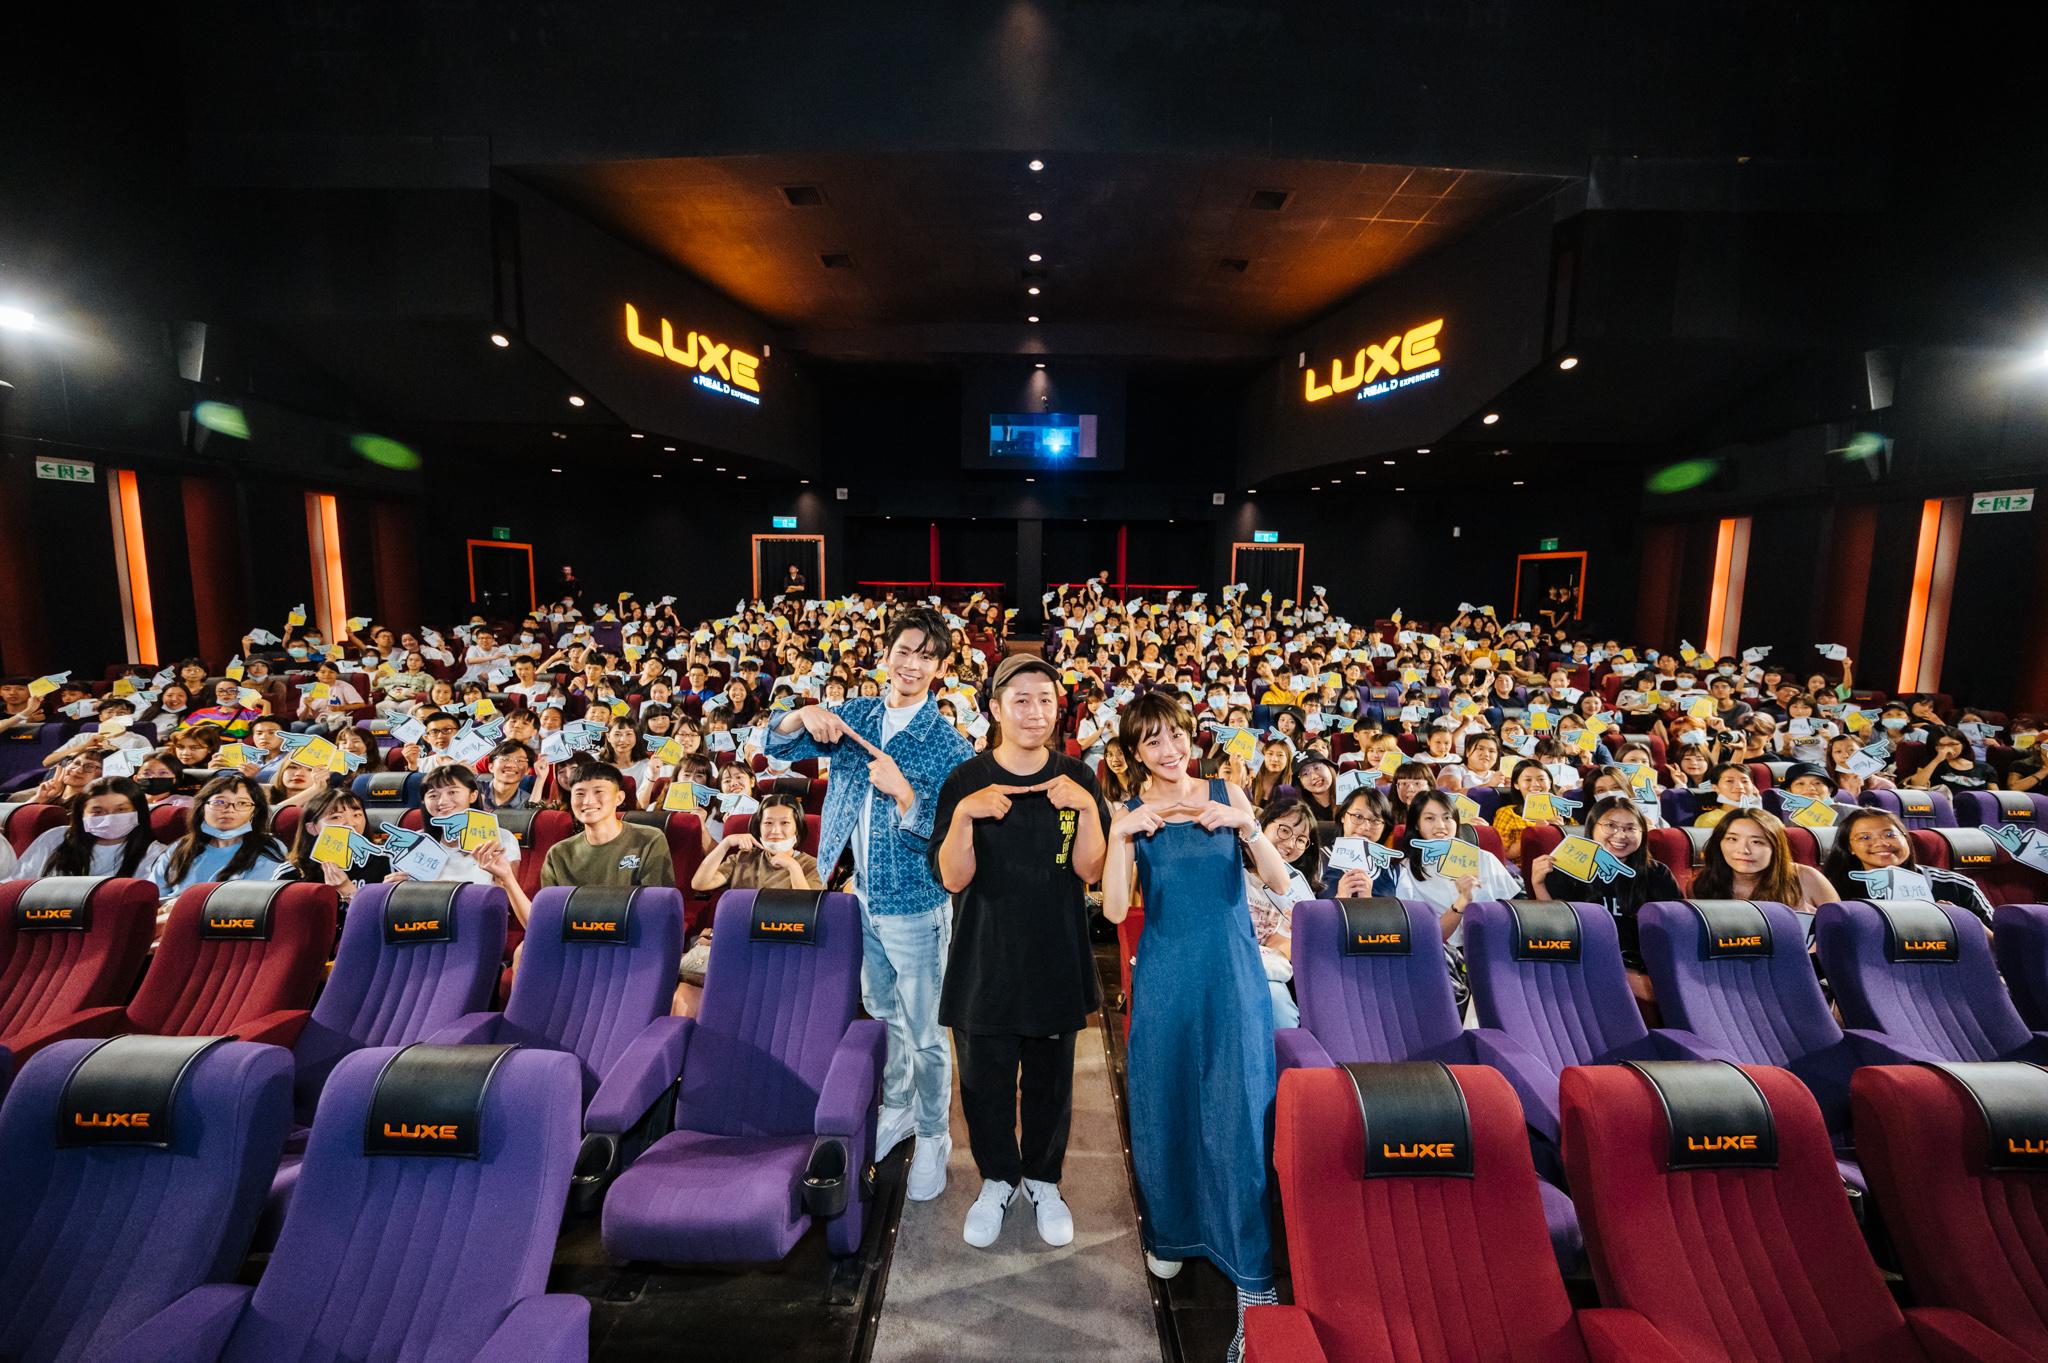 《怪胎》影人團隊開心與近400名學生合影